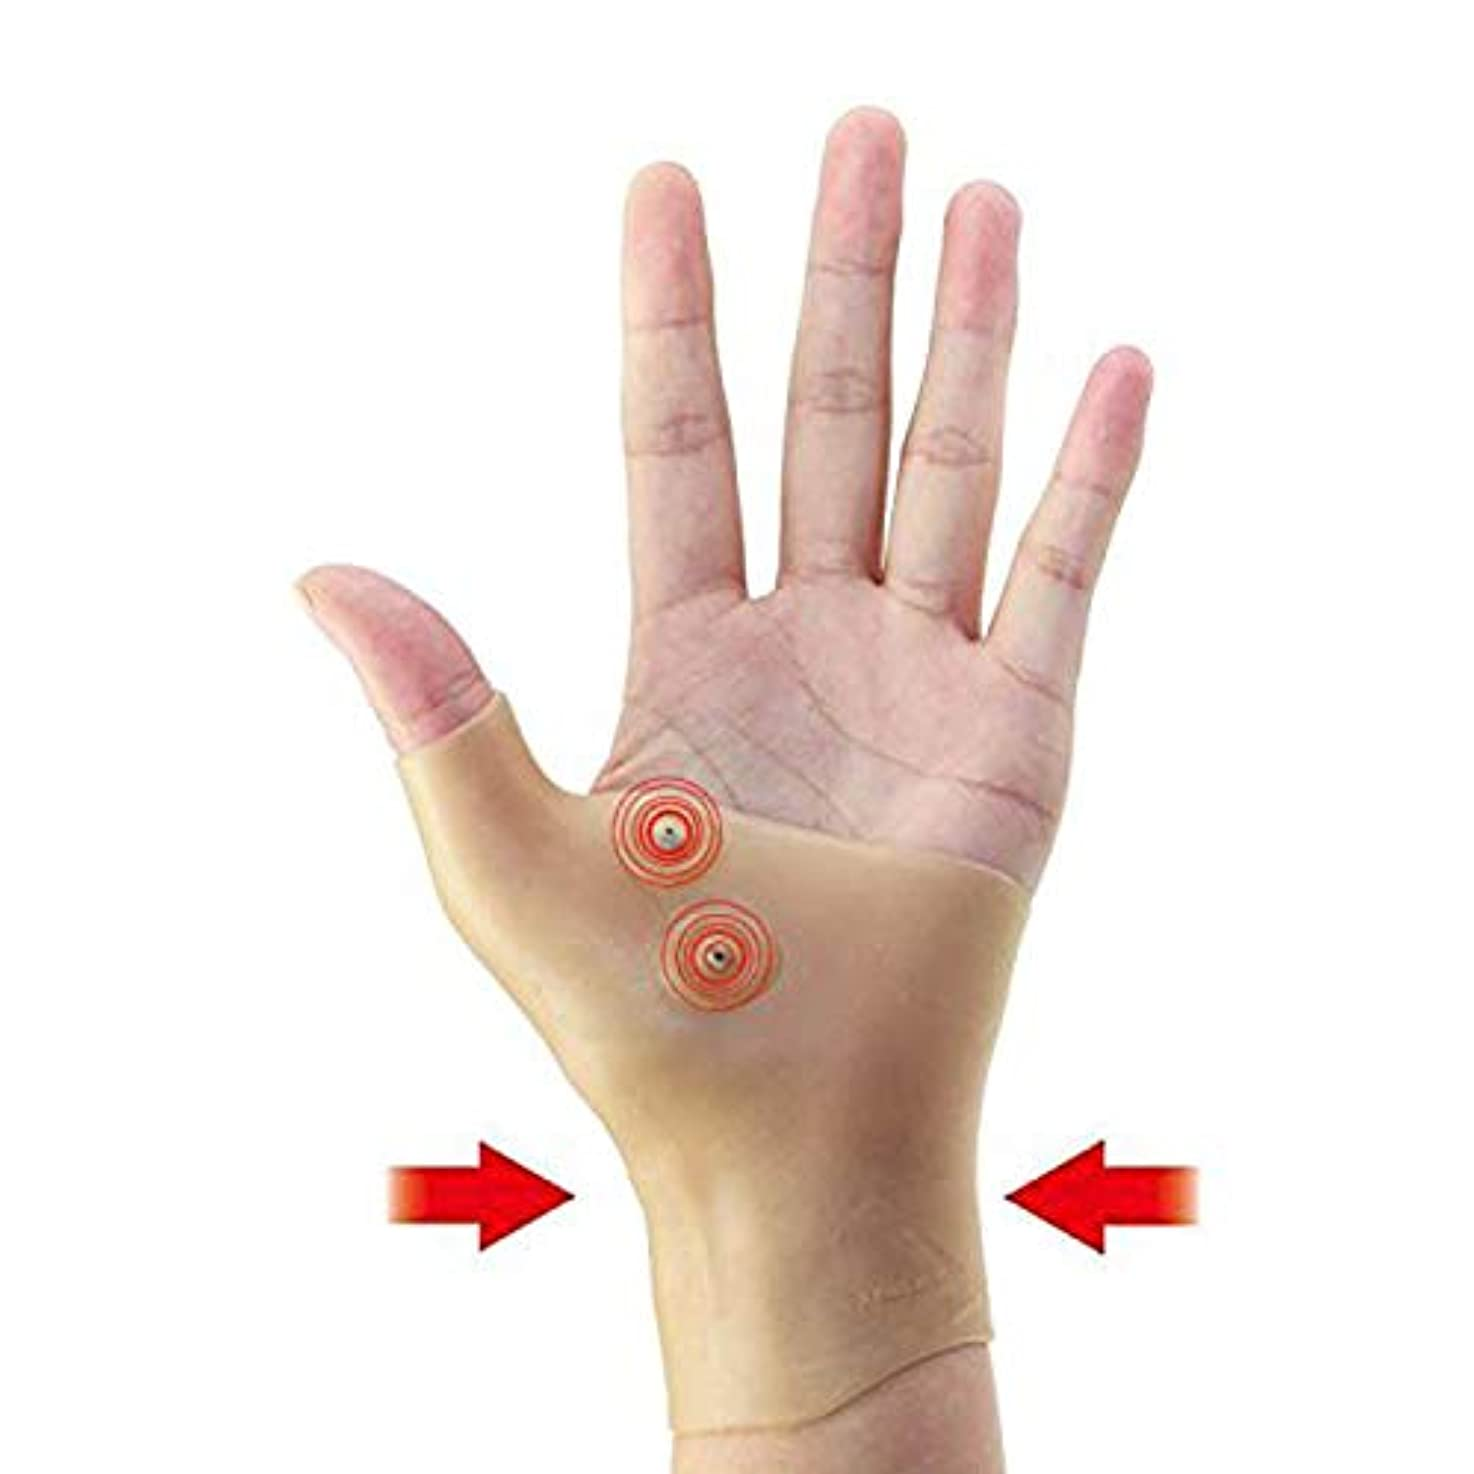 音楽依存自分のために磁気 圧縮手袋 - Delaman 指なし 手袋、健康手袋、圧着効果、疲労減少、健康関節、磁気療法、手首サポーター、ユニセックス